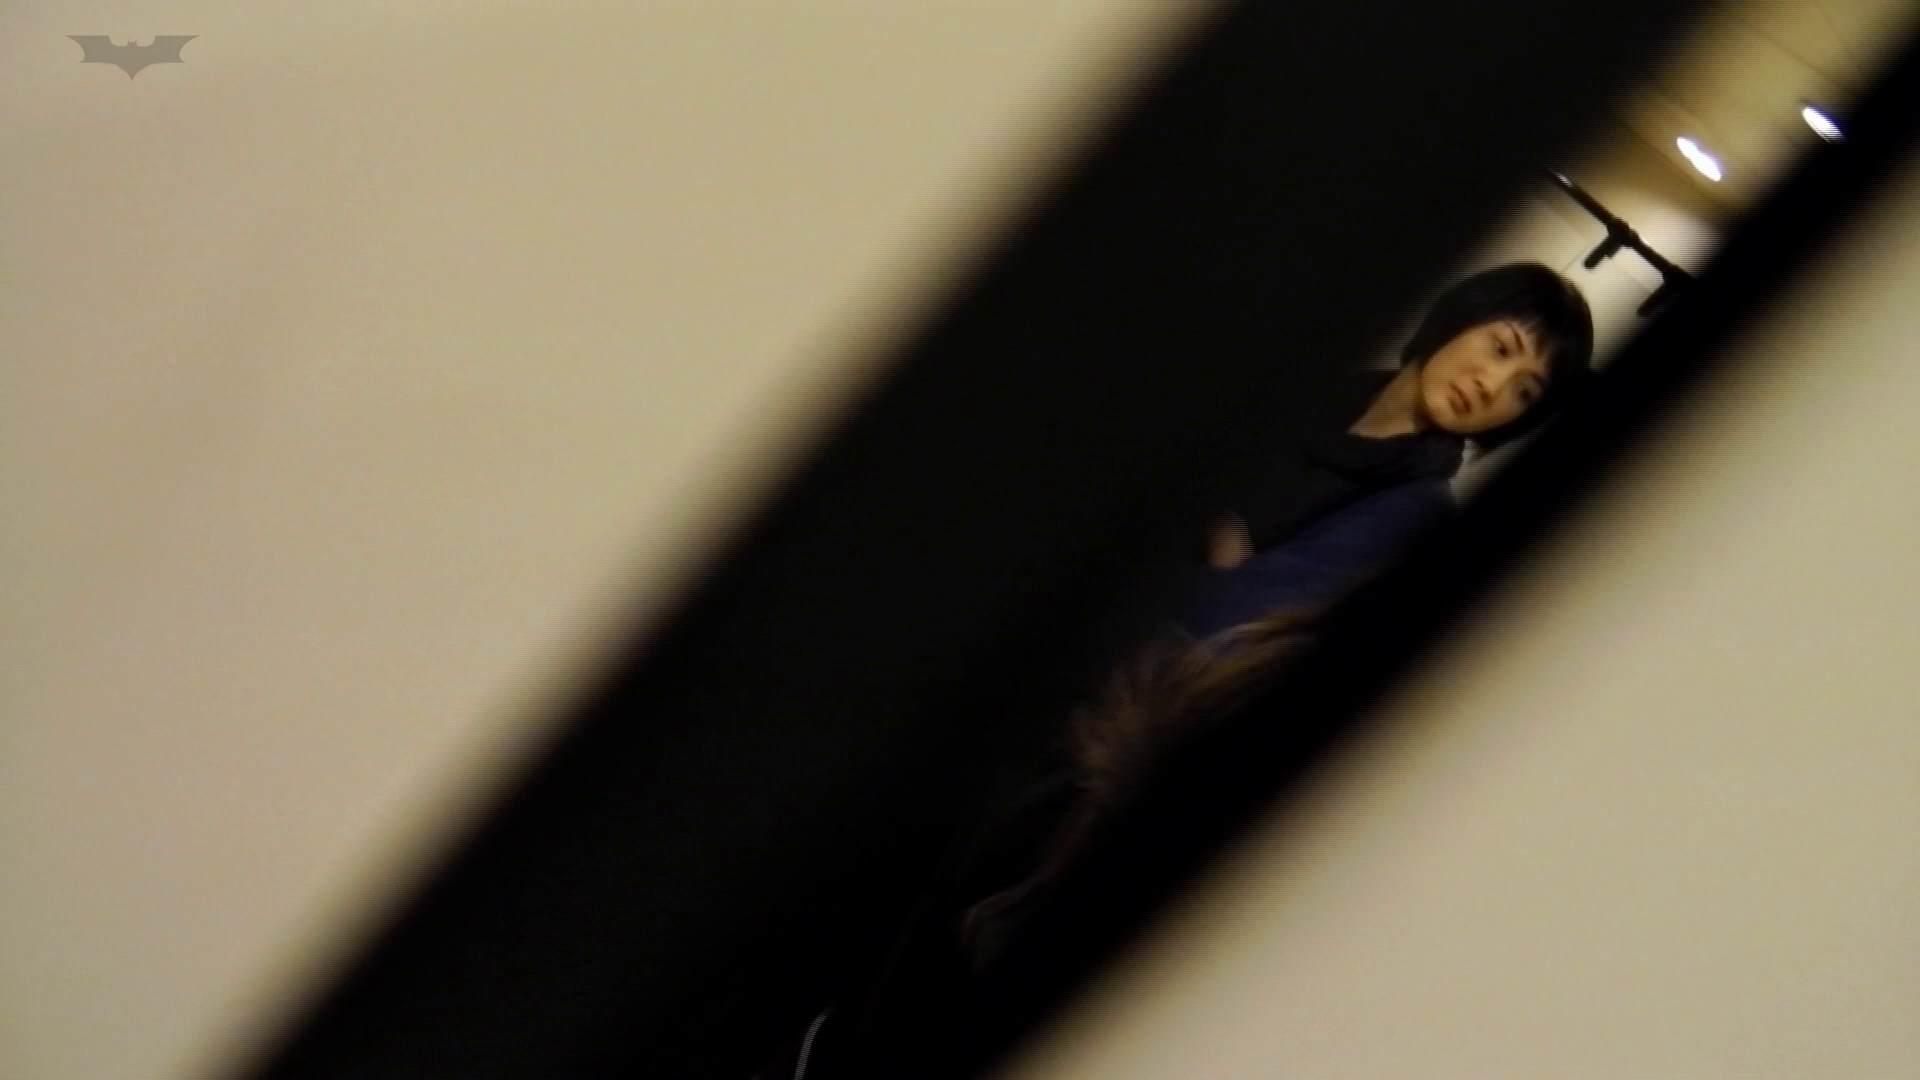 新世界の射窓 No78 トリンドル 玲奈似登場シリーズ美女率最高作! 高画質  89PIX 25